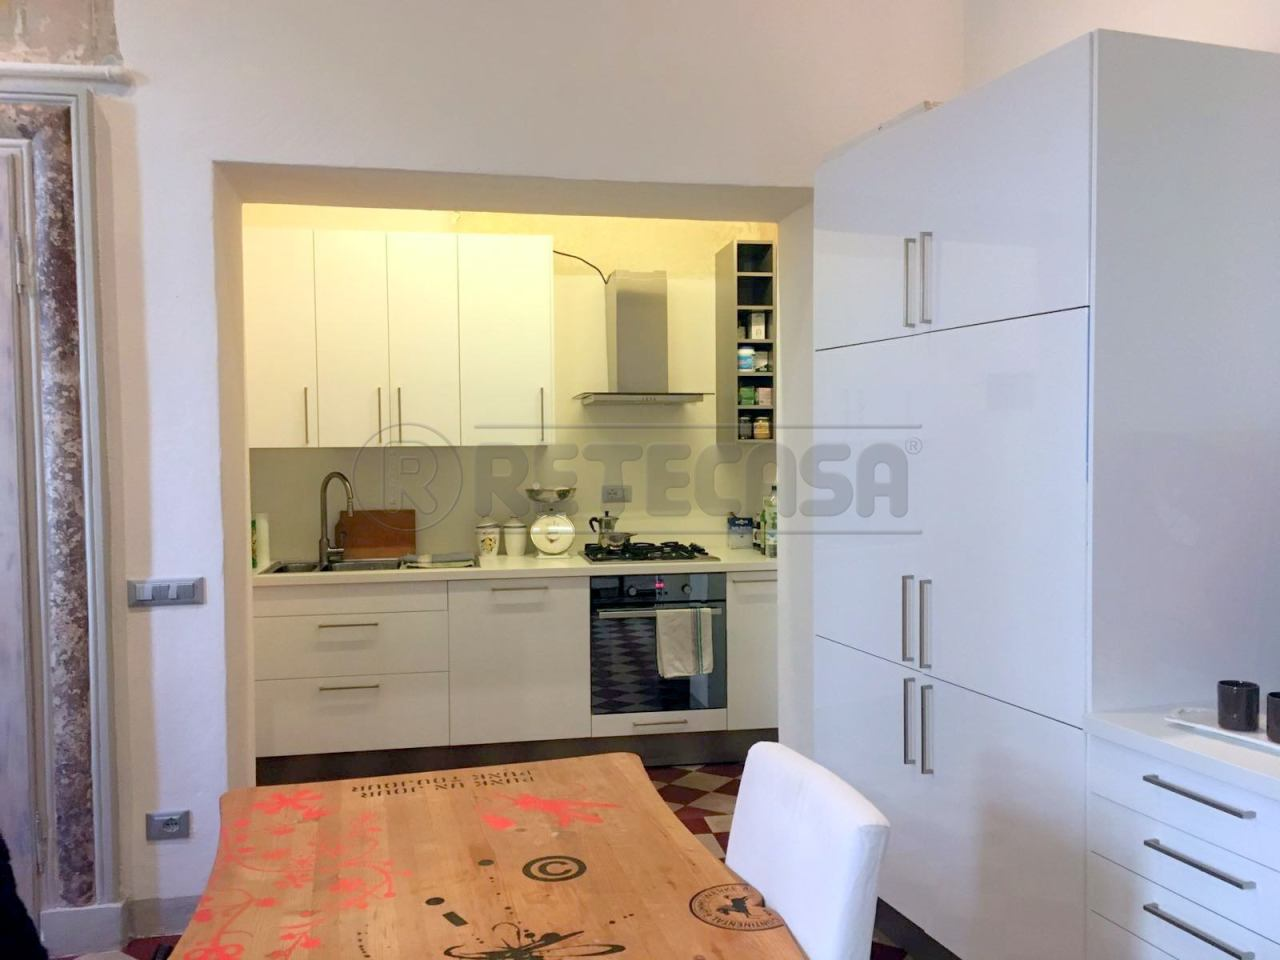 Appartamento in affitto a Mantova, 4 locali, prezzo € 575 | CambioCasa.it